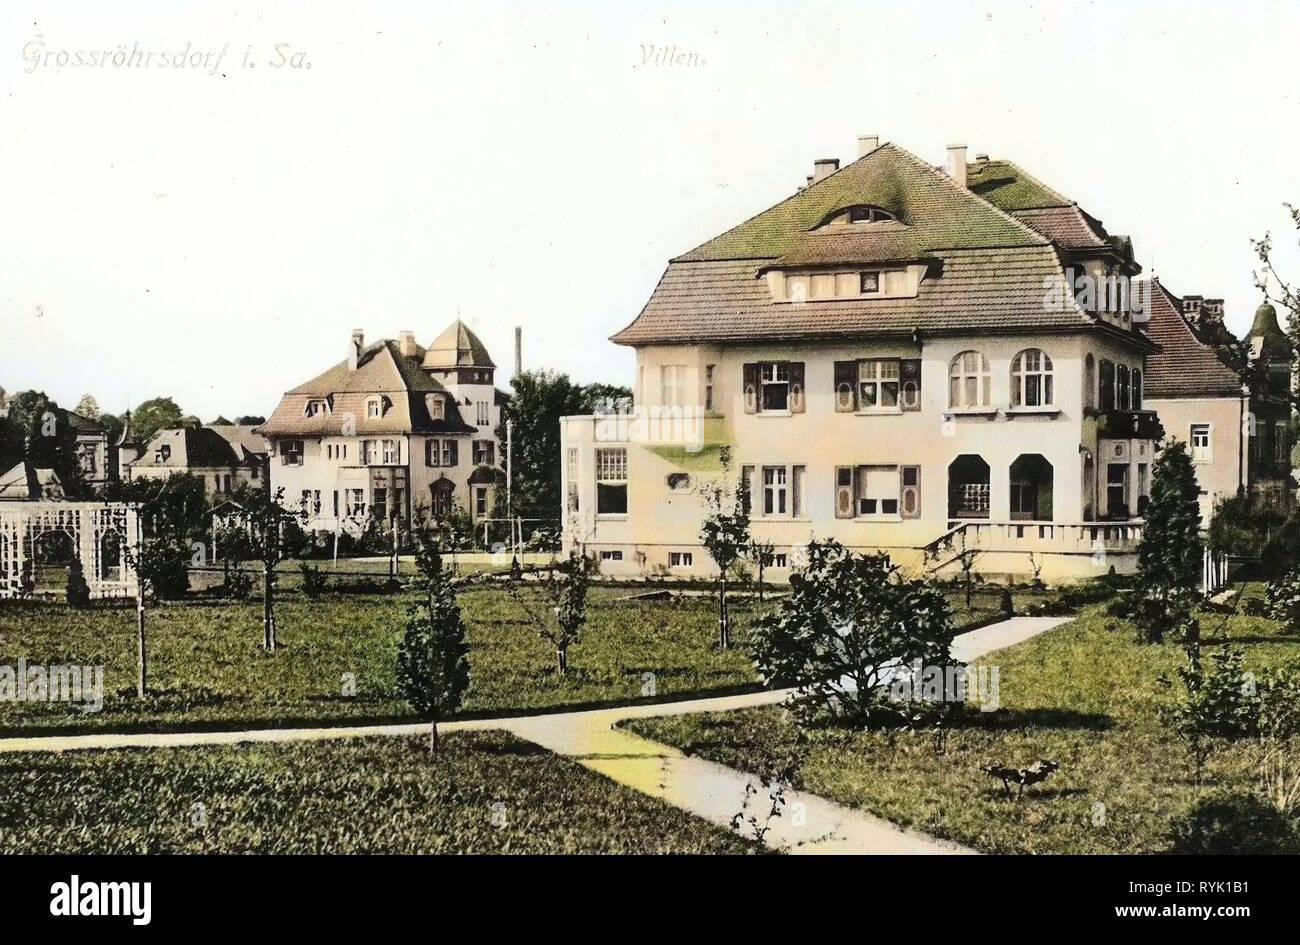 Villen in Sachsen, Gebäude in Großröhrsdorf, 1913, Landkreis ...